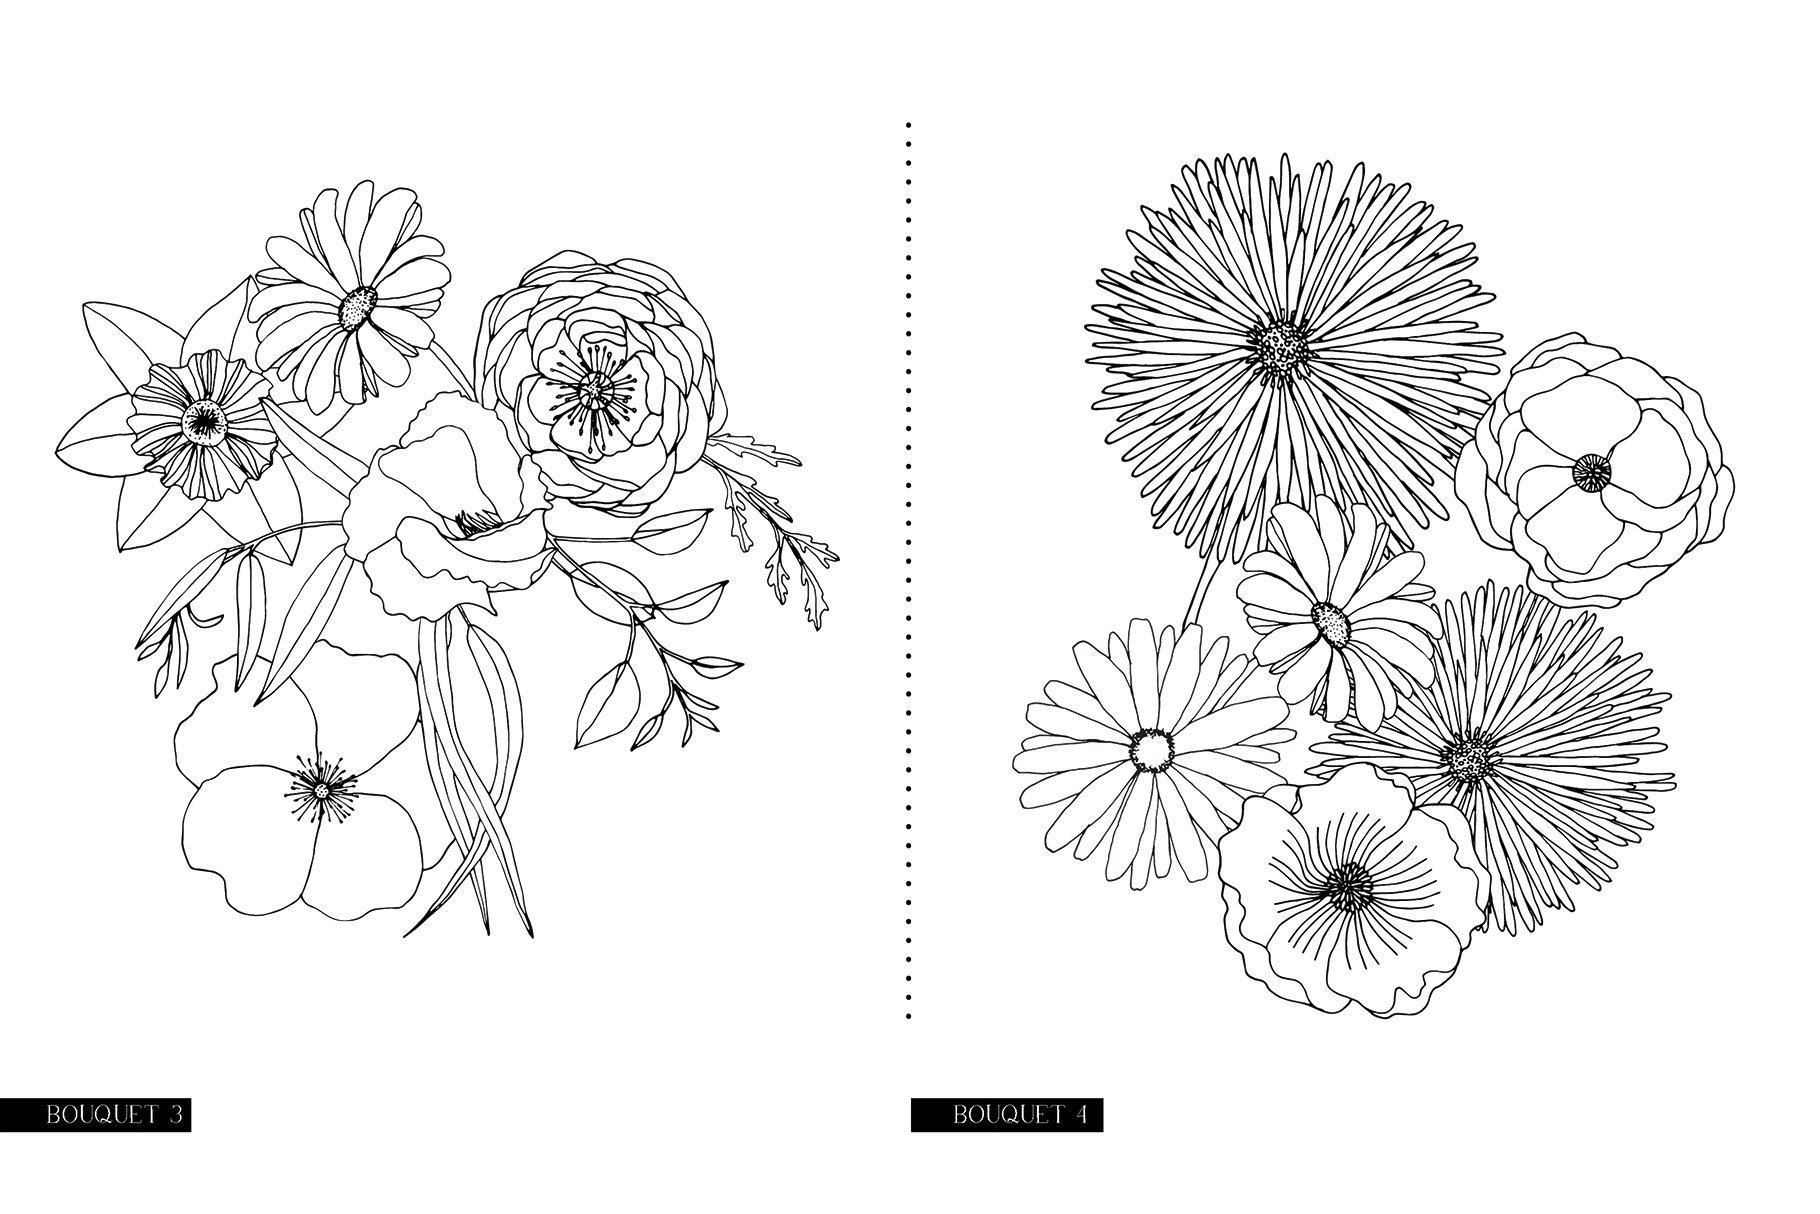 精美手绘花卉花朵无缝隙矢量线稿图案素材 Floral Blast Patterns And Bouquets插图(14)